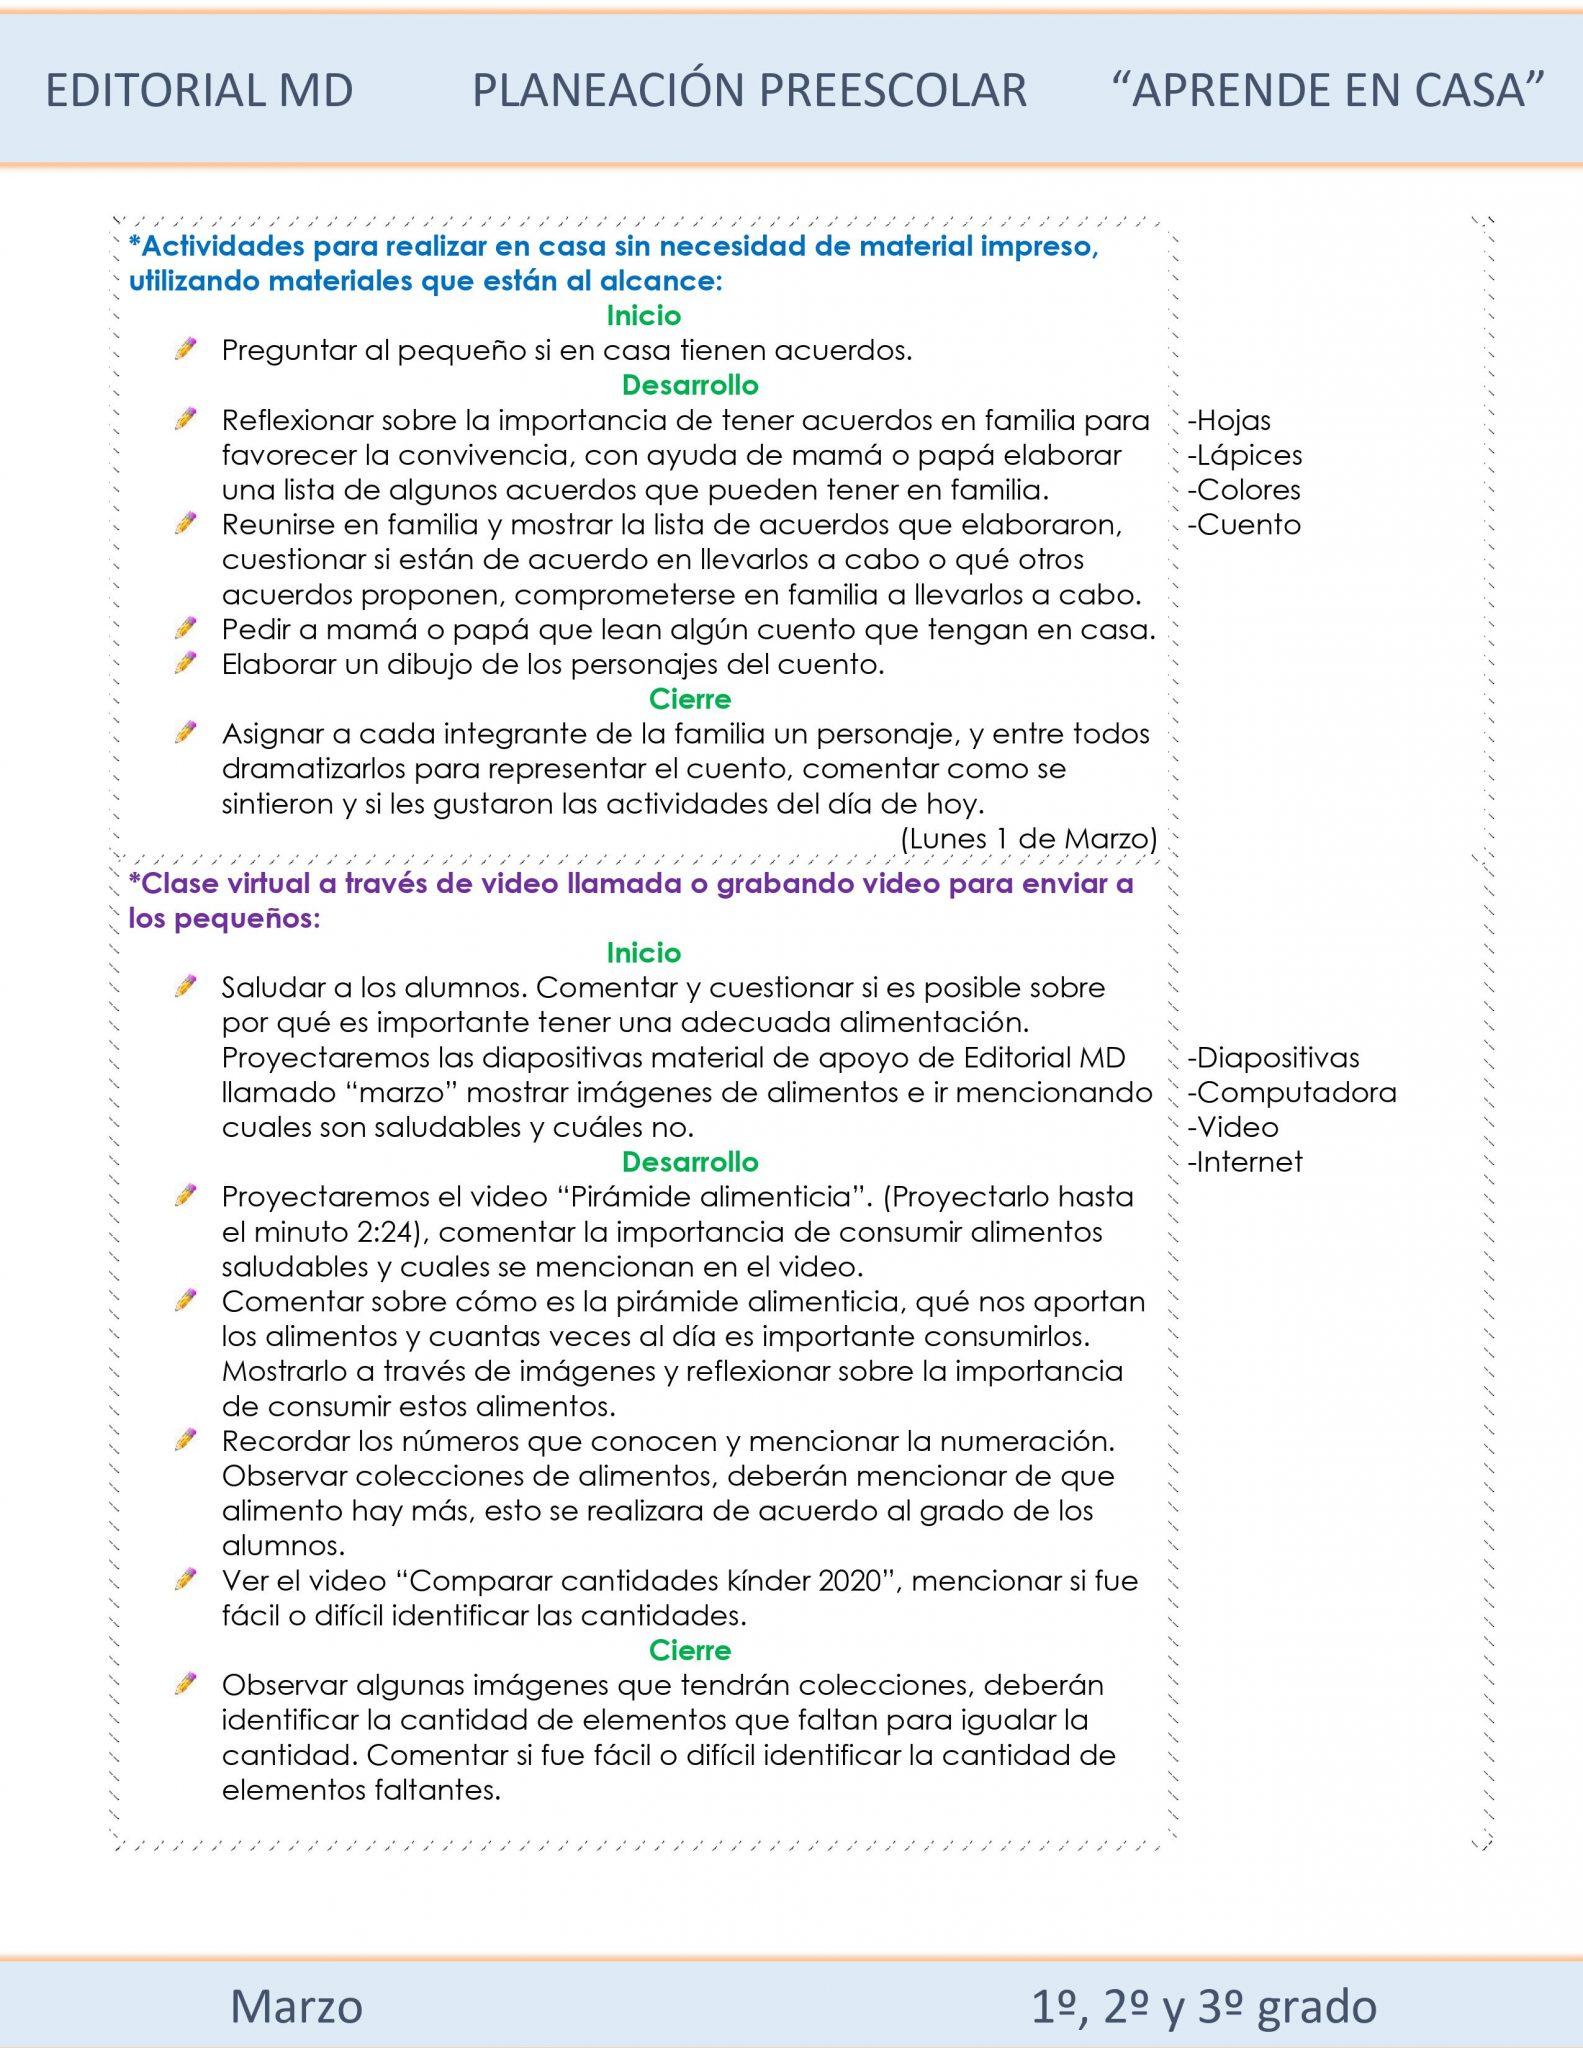 Ejemplo planeación Preescolar del 1 al 5 de marzo del 2021 02